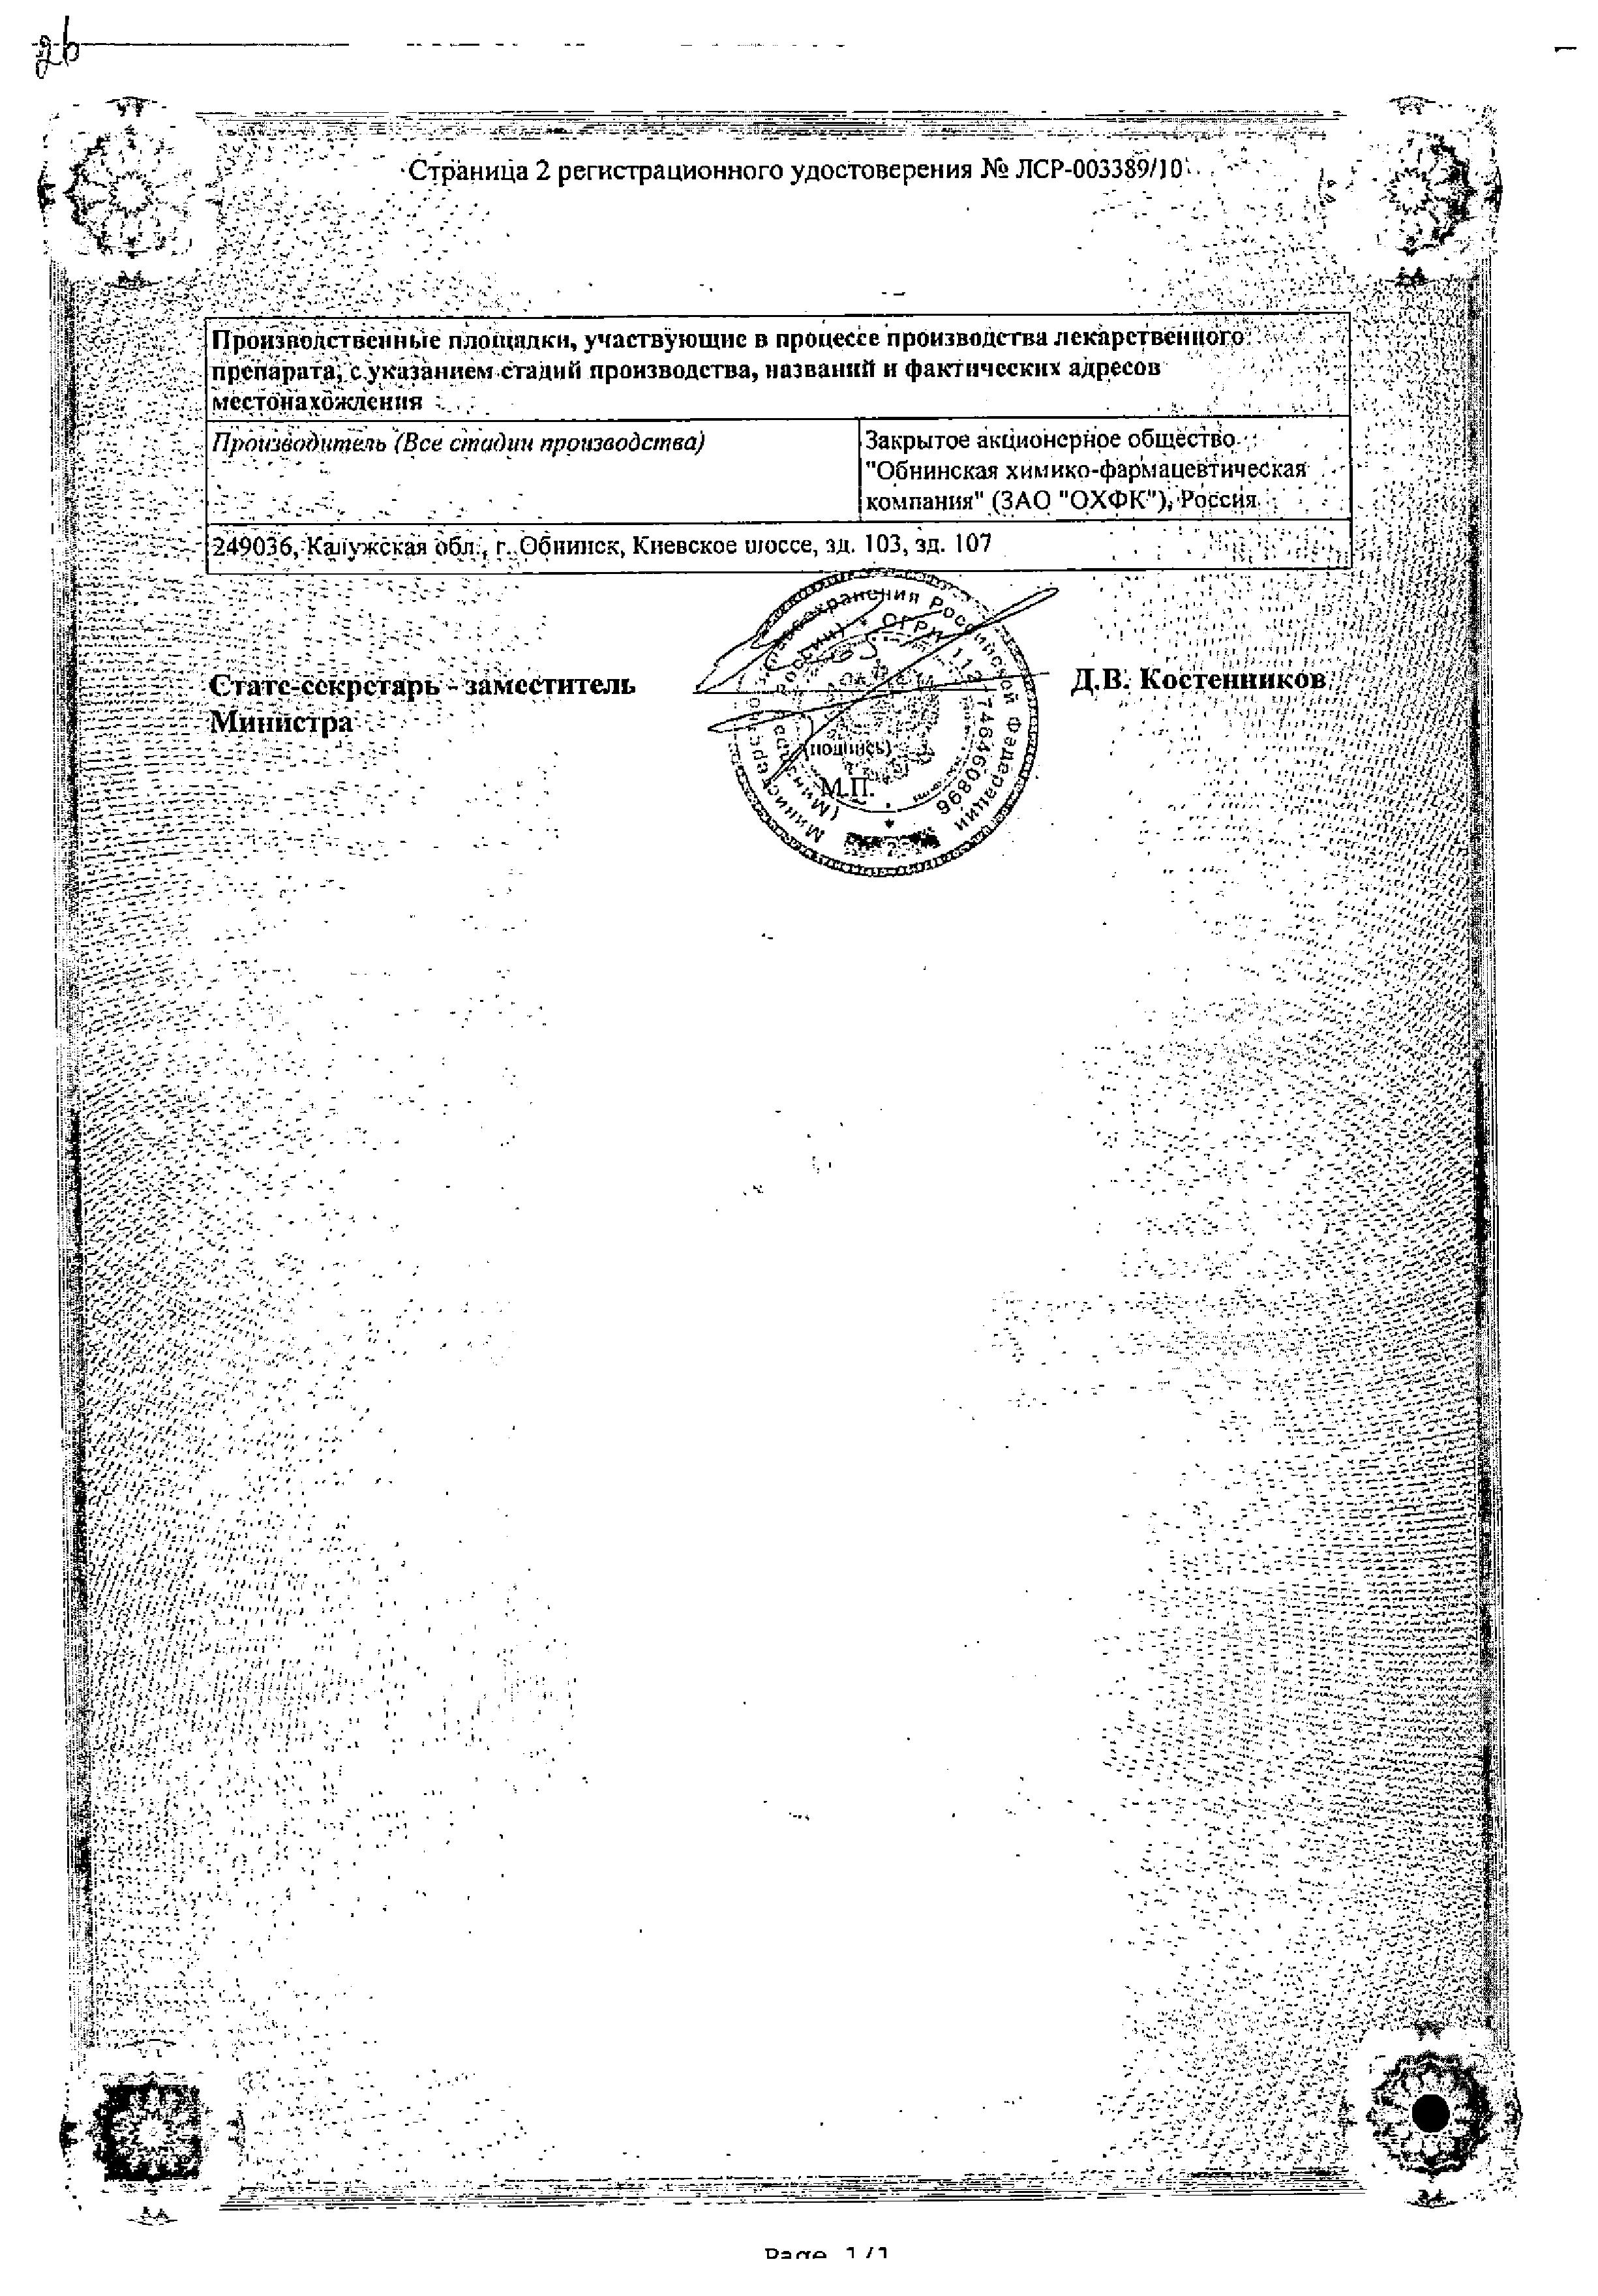 Транексам сертификат